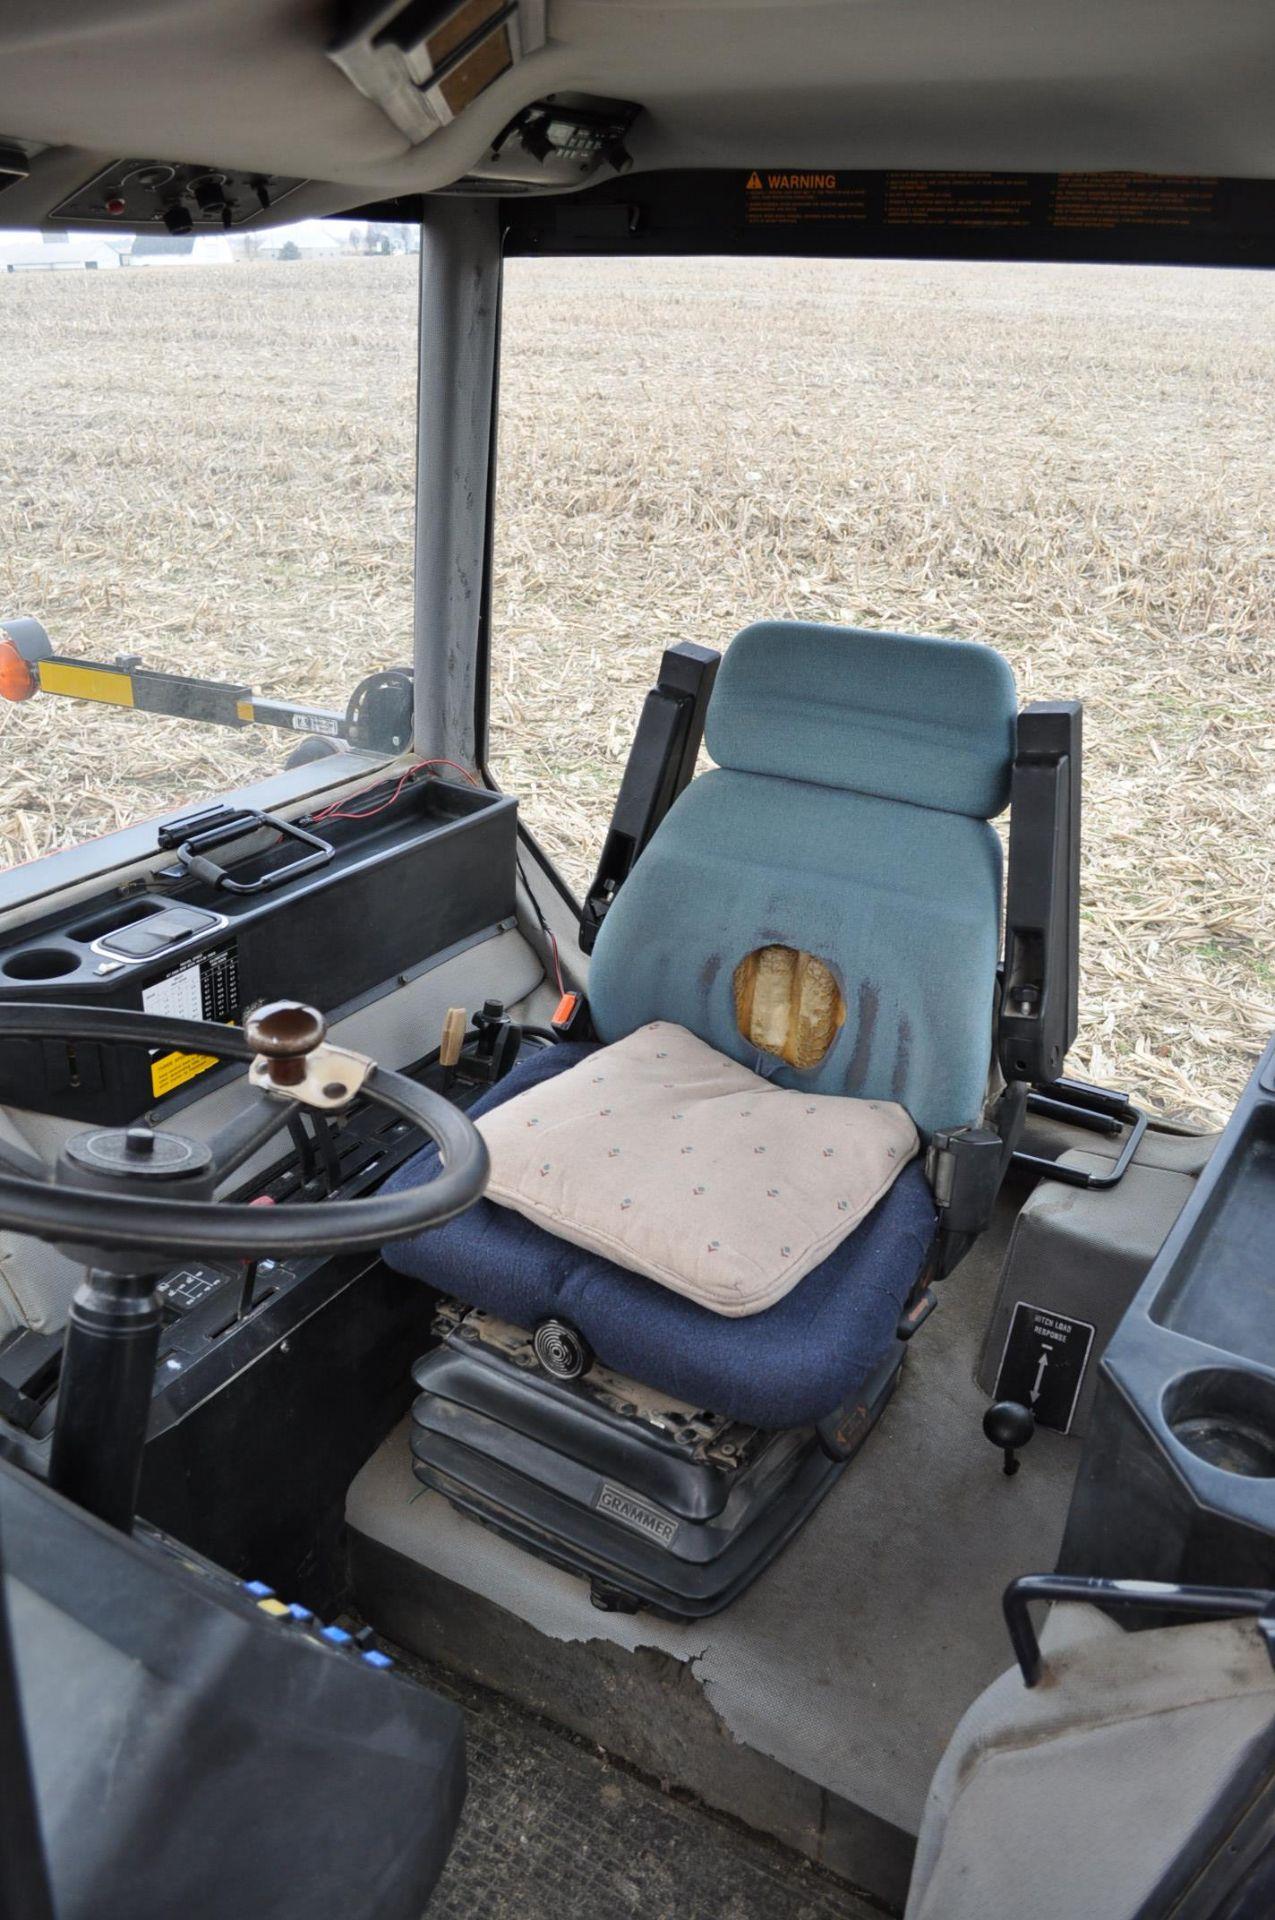 Deutz Allis 9150 tractor, MFWD, 18.4 R 42 duals, 420/85 R 28 tires, 6+3 speed range, 2 hyd - Image 13 of 20